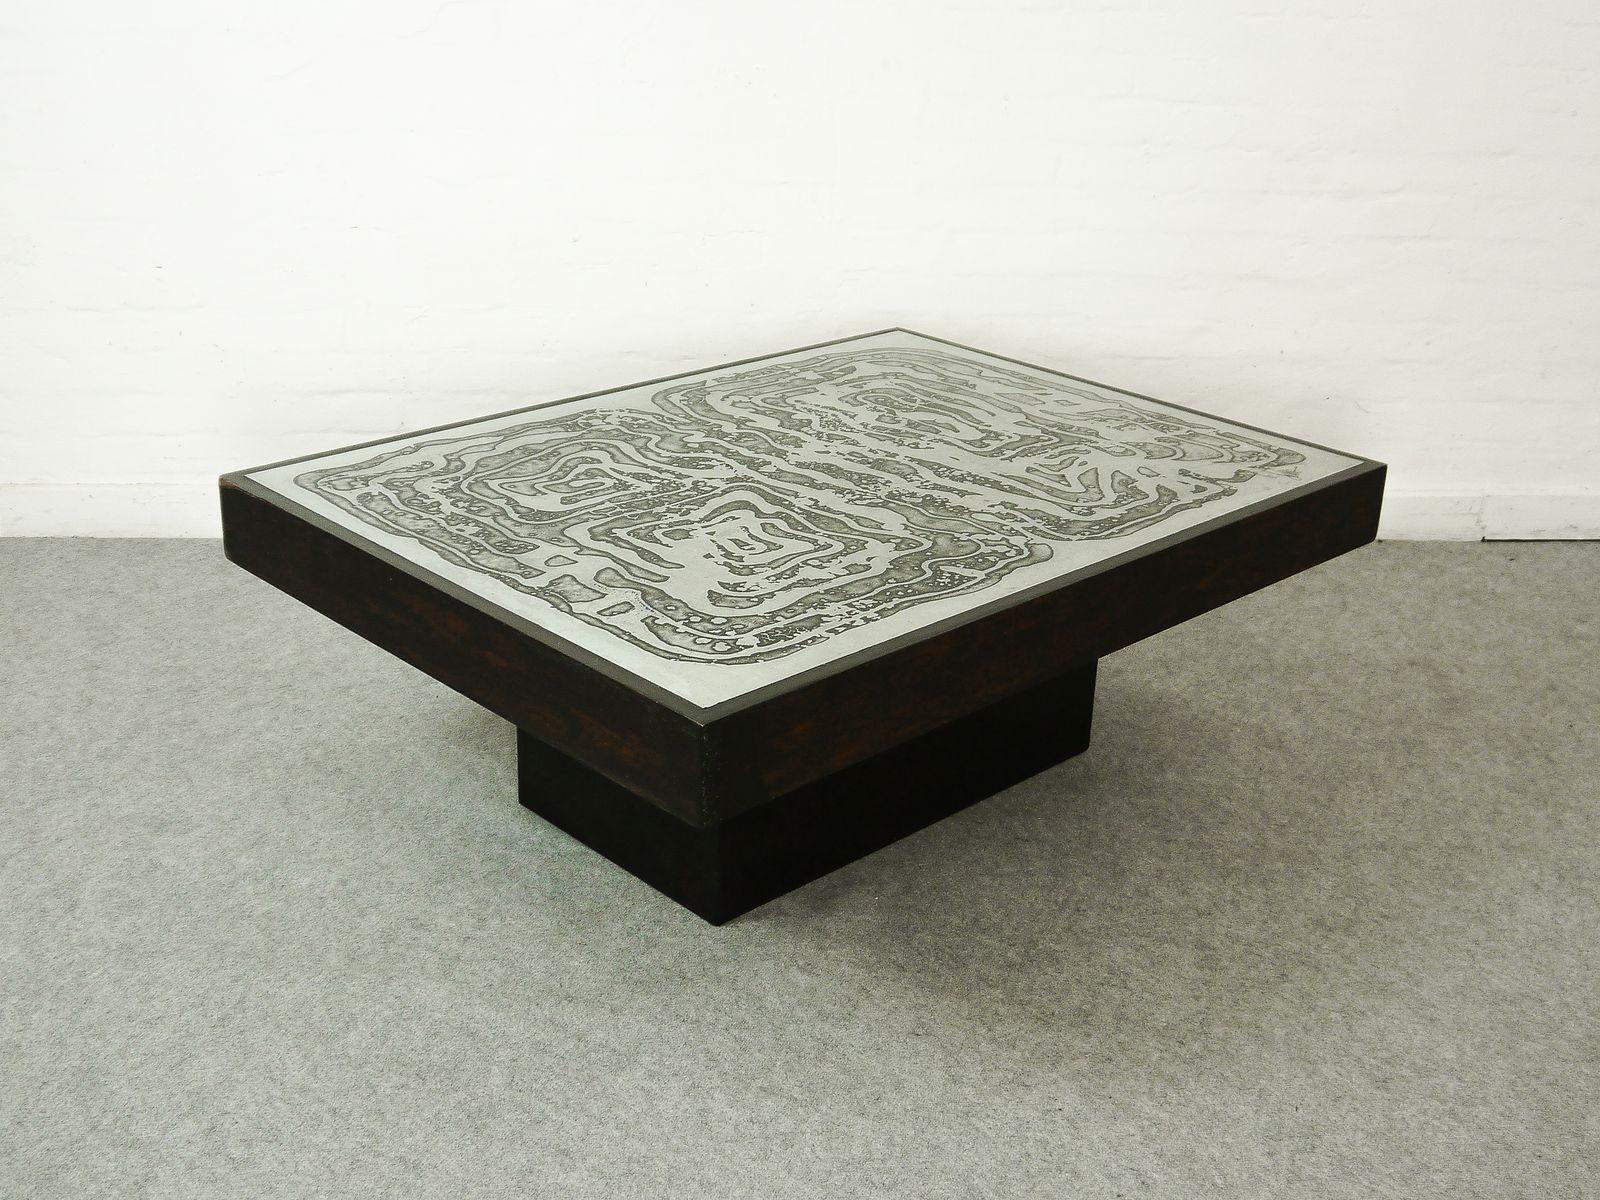 couchtisch aus ge tztem aluminum von bernhard rohne. Black Bedroom Furniture Sets. Home Design Ideas